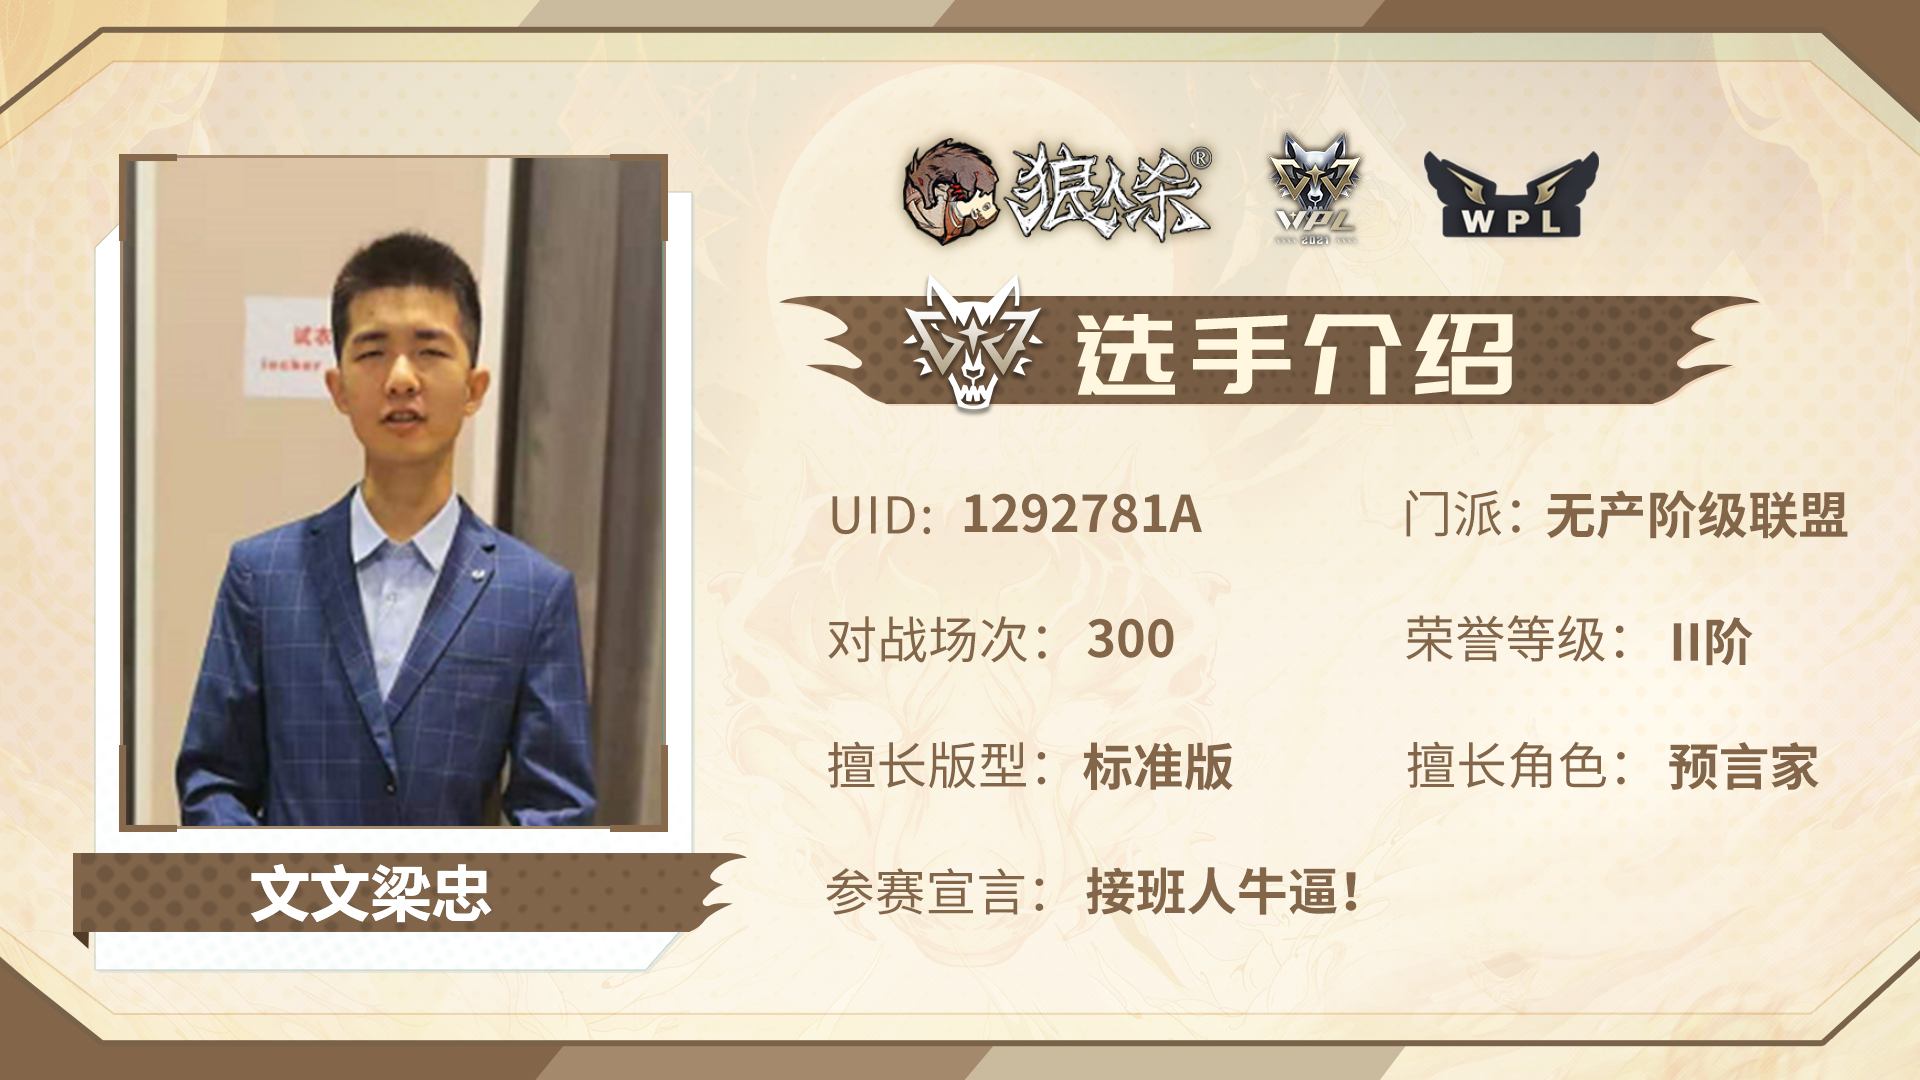 WPL2021-无产阶级联盟-文文梁忠 - 副本